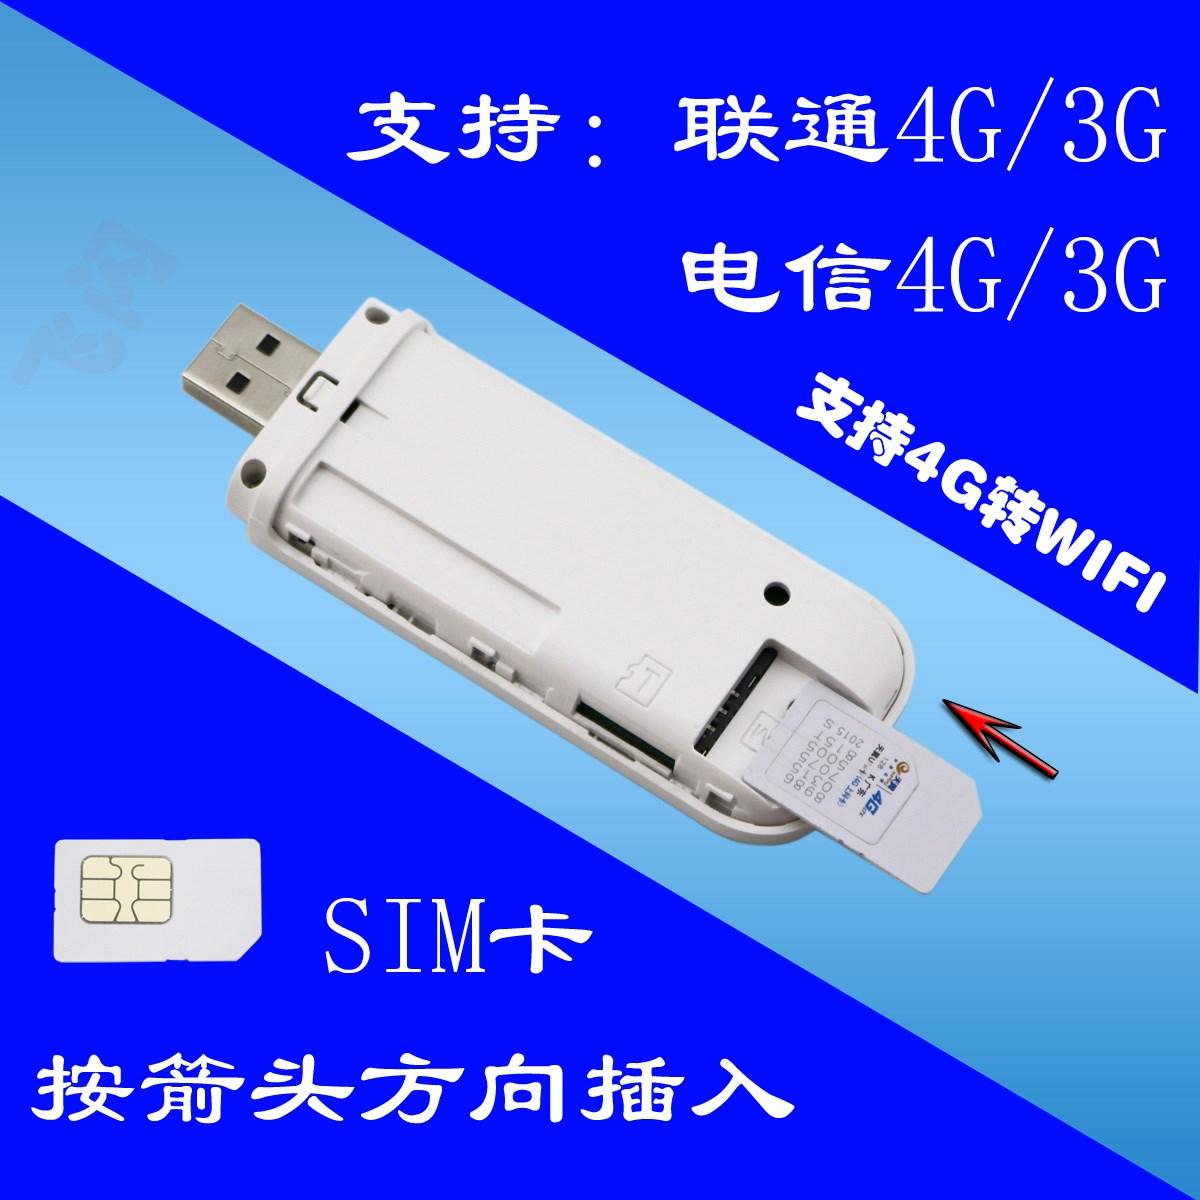 4 Gam dữ liệu thiết bị đầu cuối USB card mạng không dây bộ đầu đọc thẻ router China Unicom 4 Gam + 3 Gam để WIFI